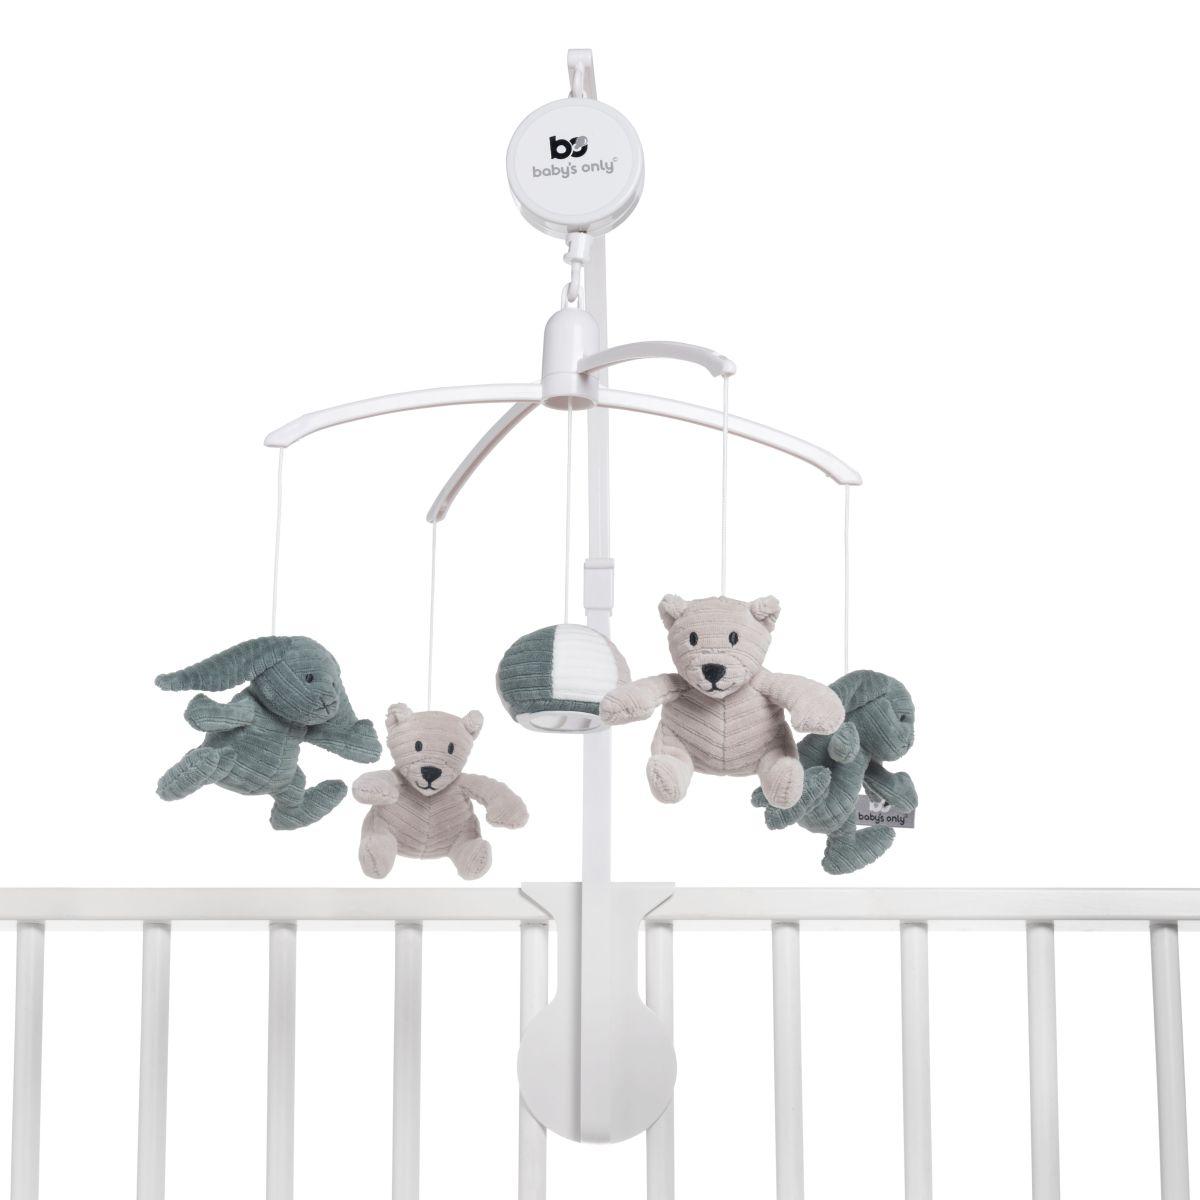 babys only bo024023059 sense muziekmobiel zeegroen 2